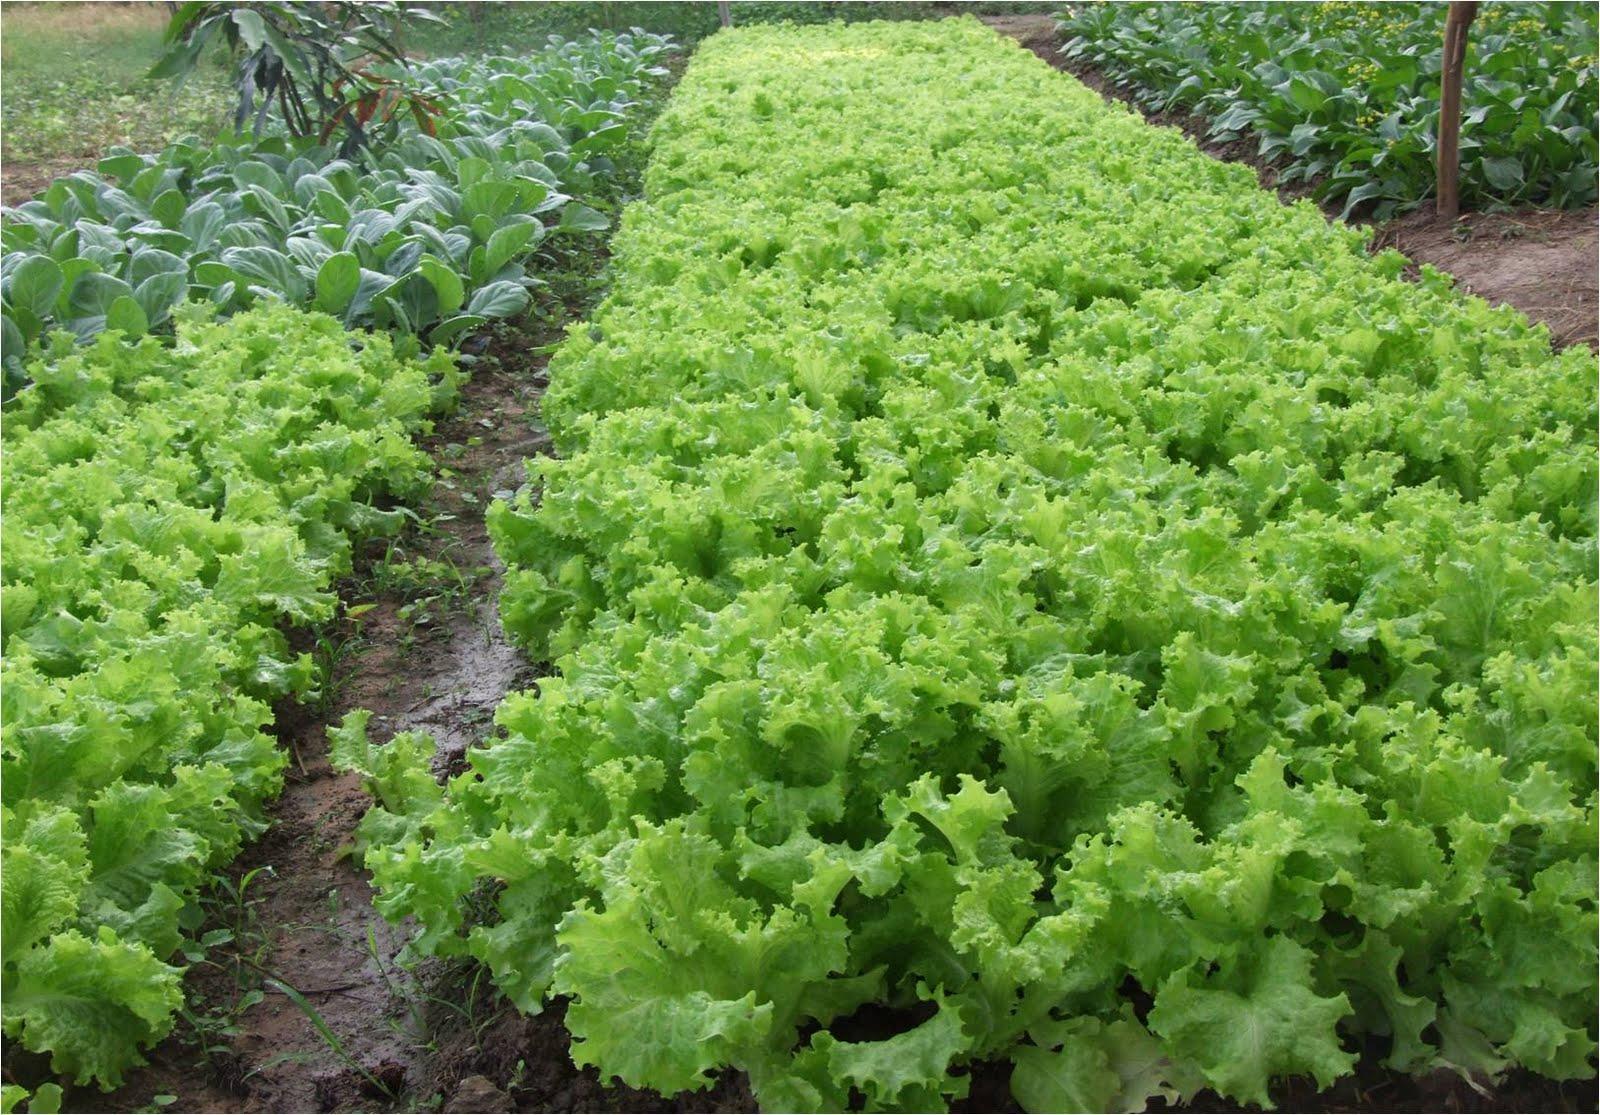 ผักเกษตรอินทรีย์